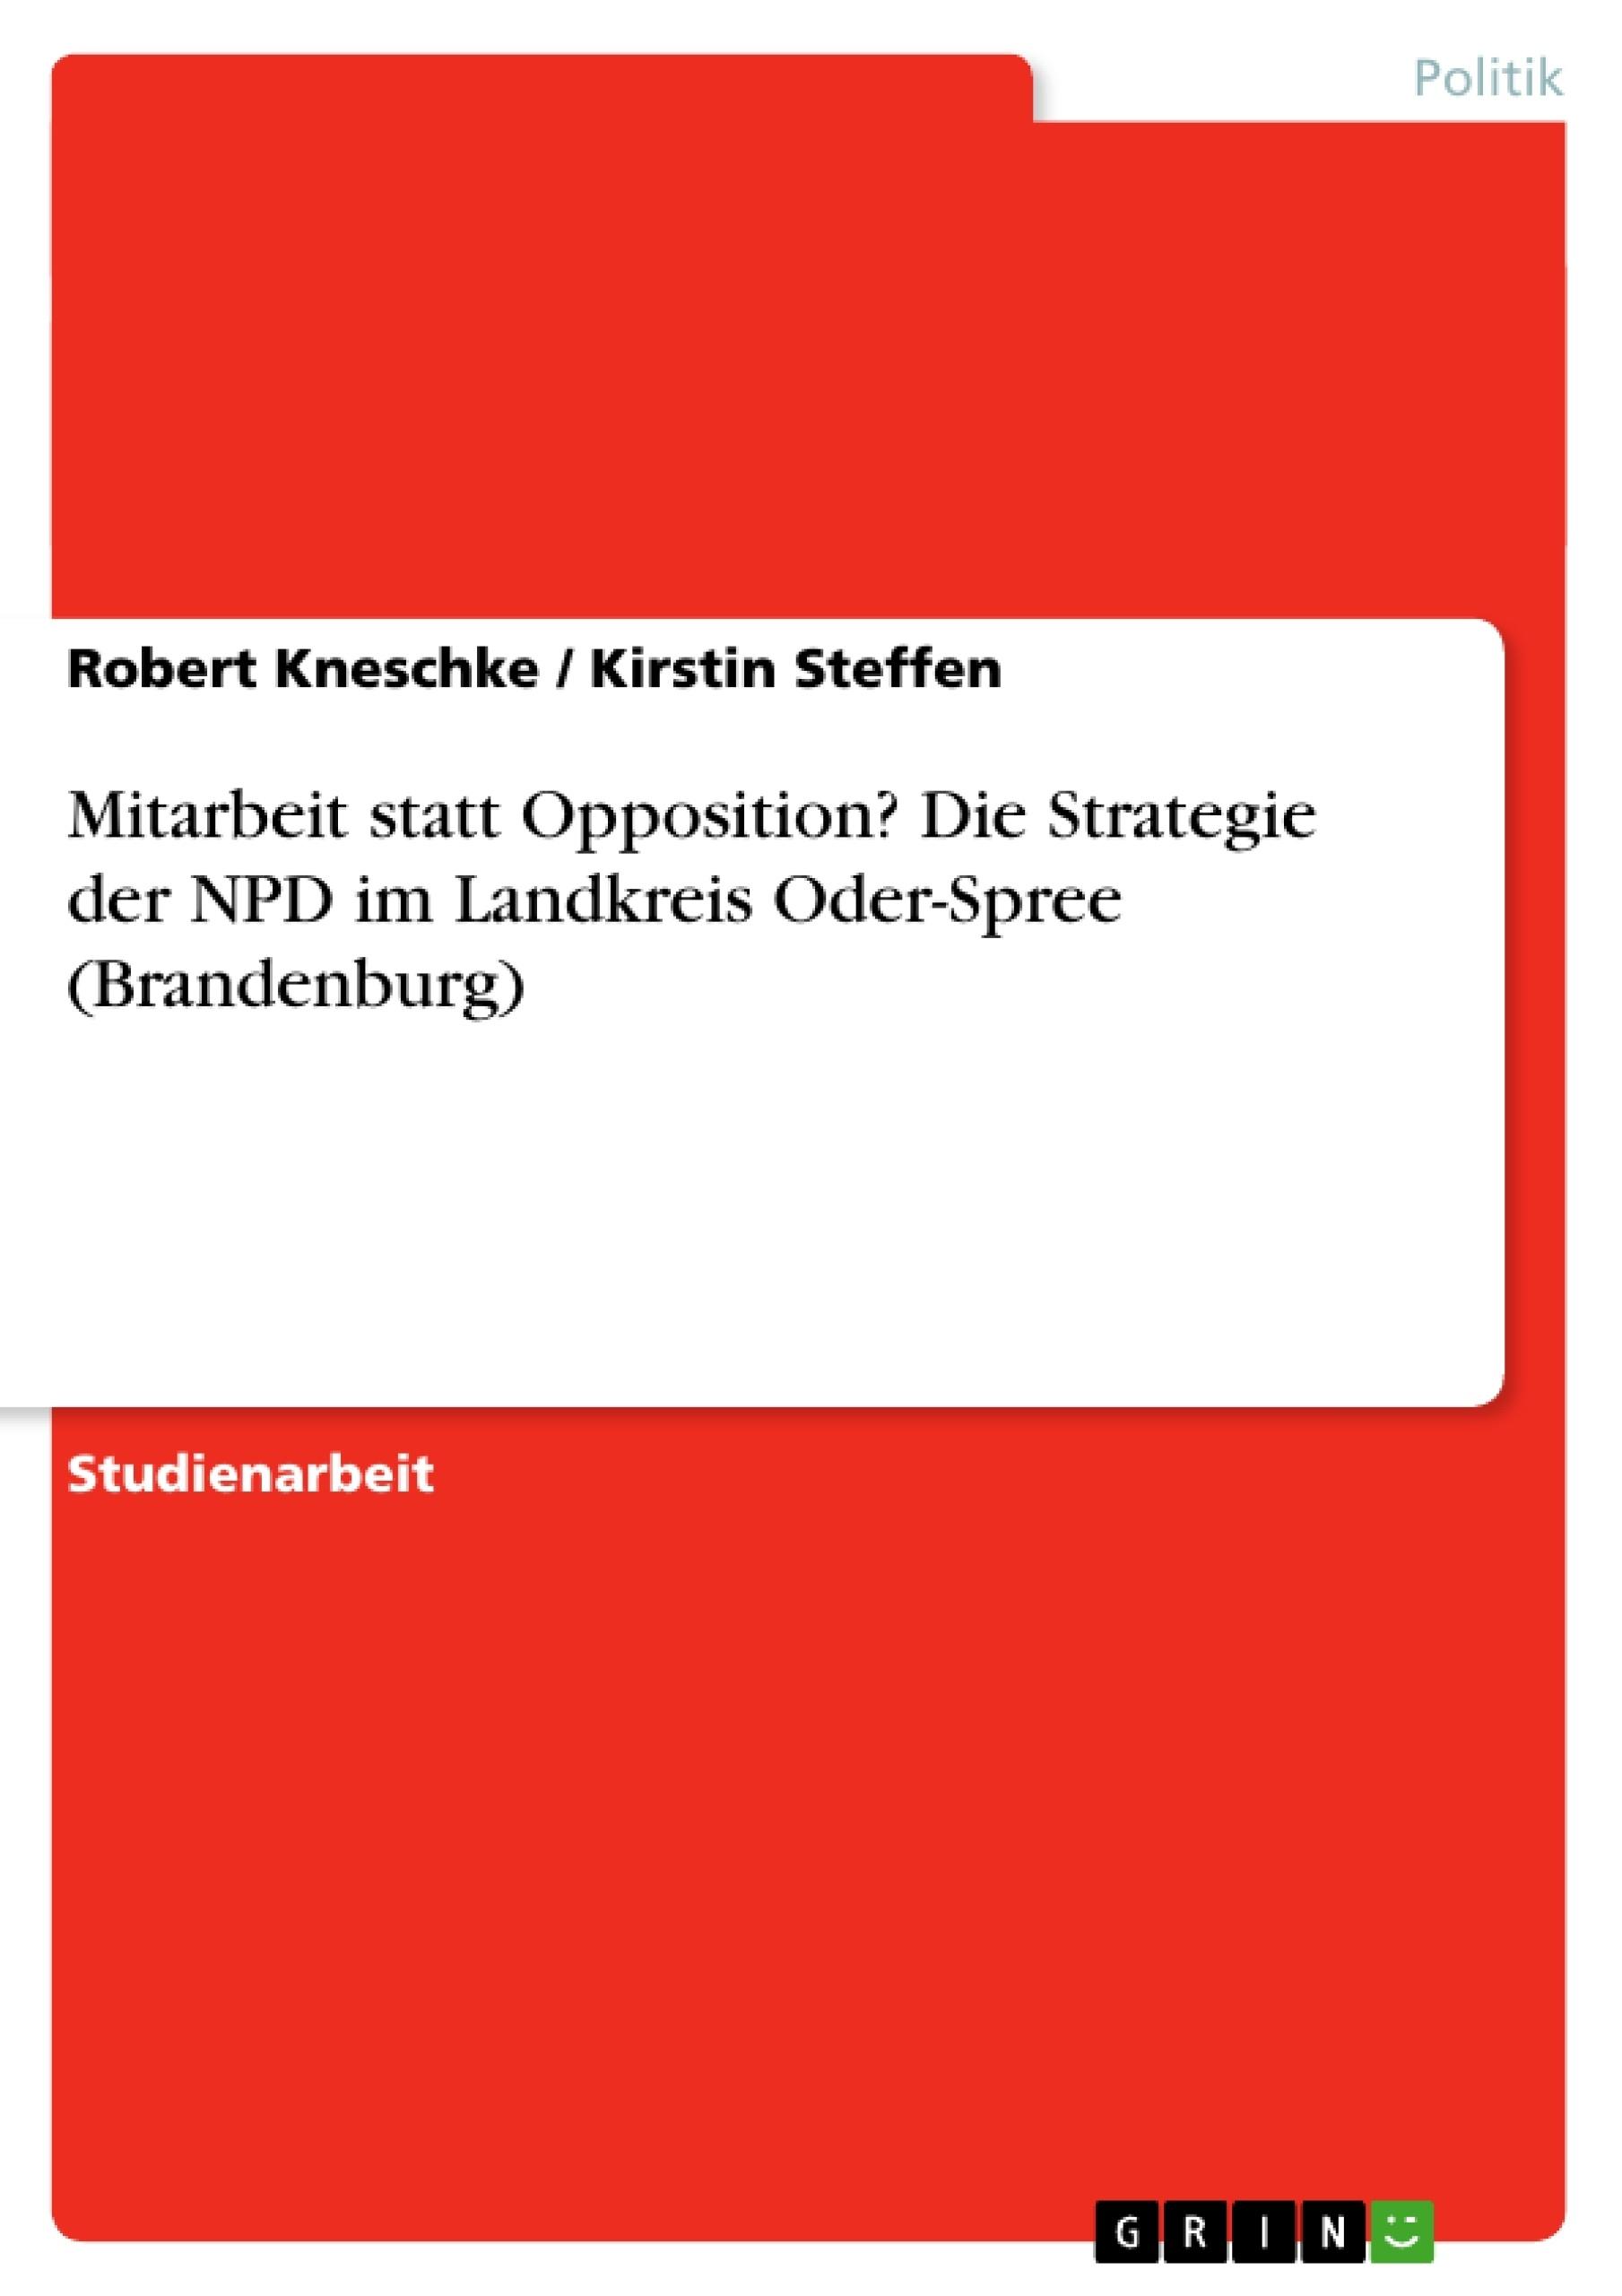 Titel: Mitarbeit statt Opposition? Die Strategie der NPD im Landkreis Oder-Spree (Brandenburg)